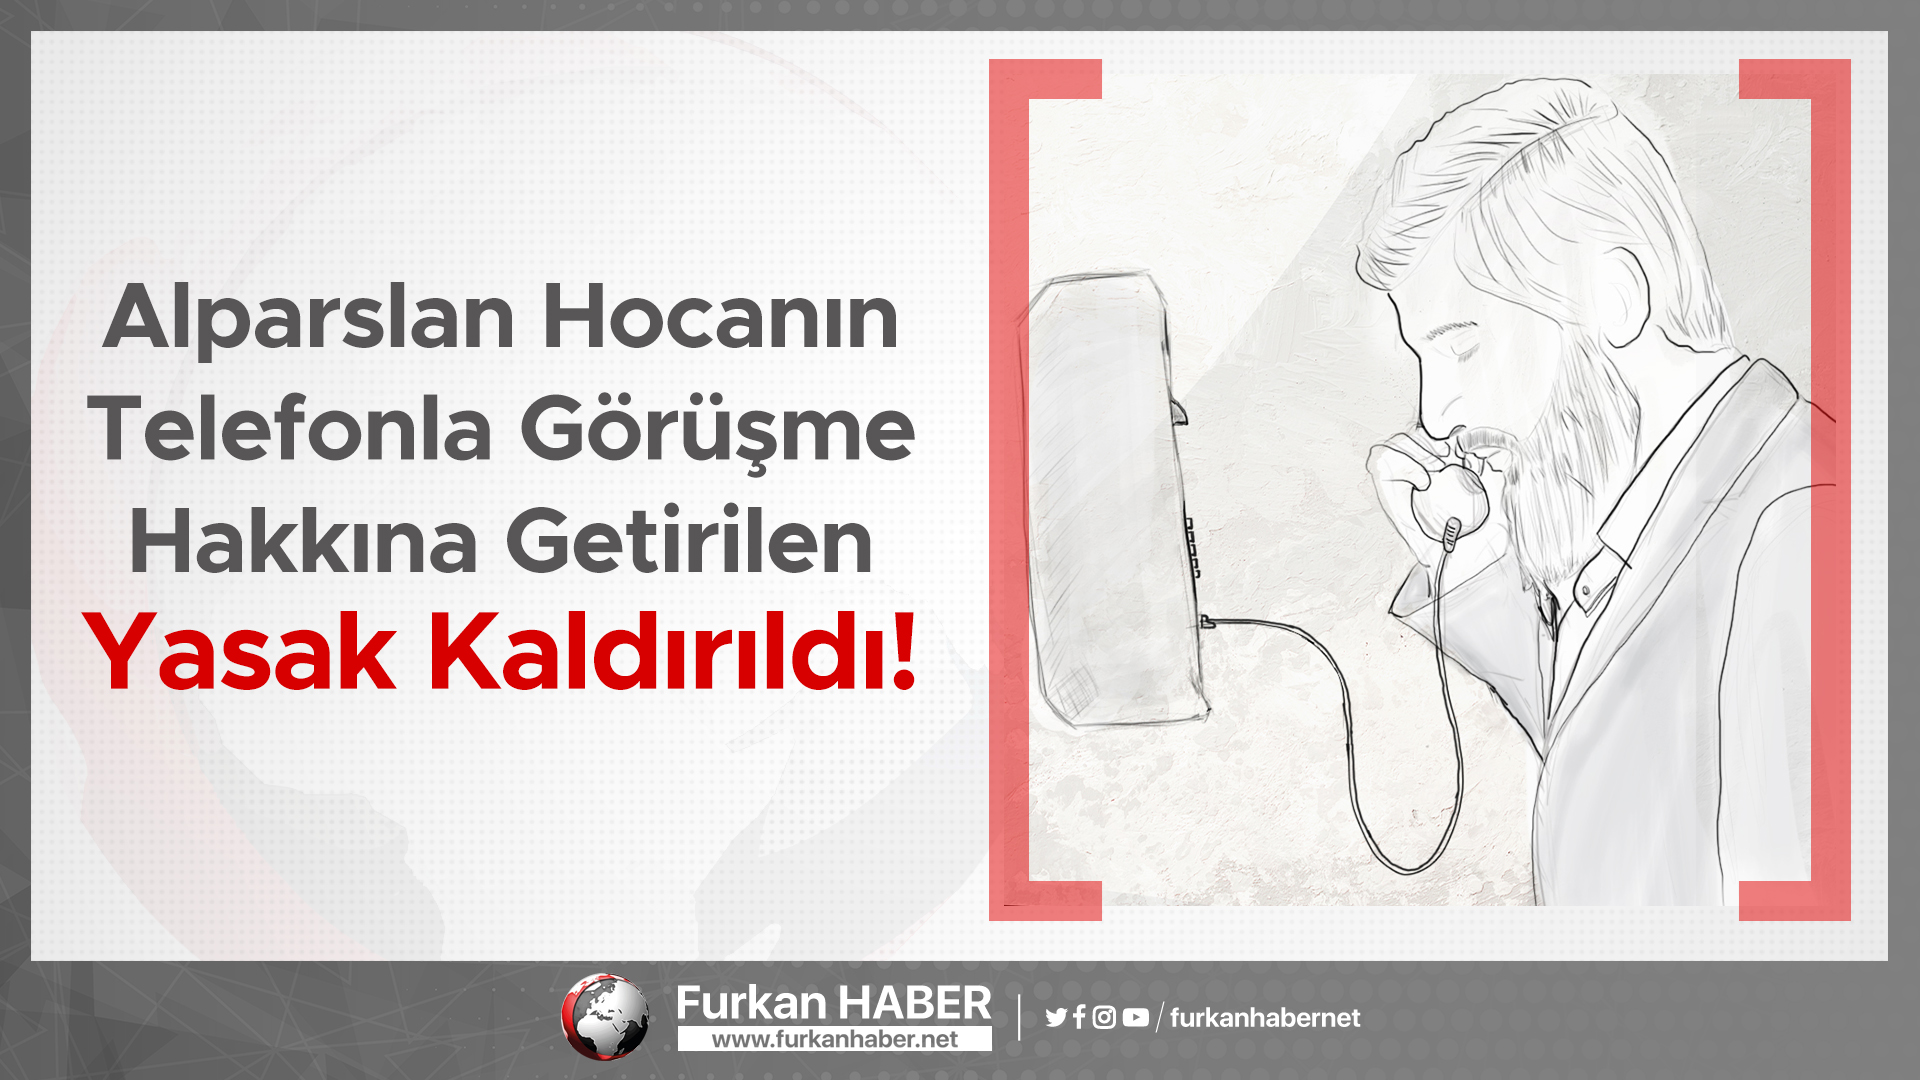 Alparslan Hocanın Telefonla Görüşme Hakkına Getirilen Yasak Kaldırıldı!